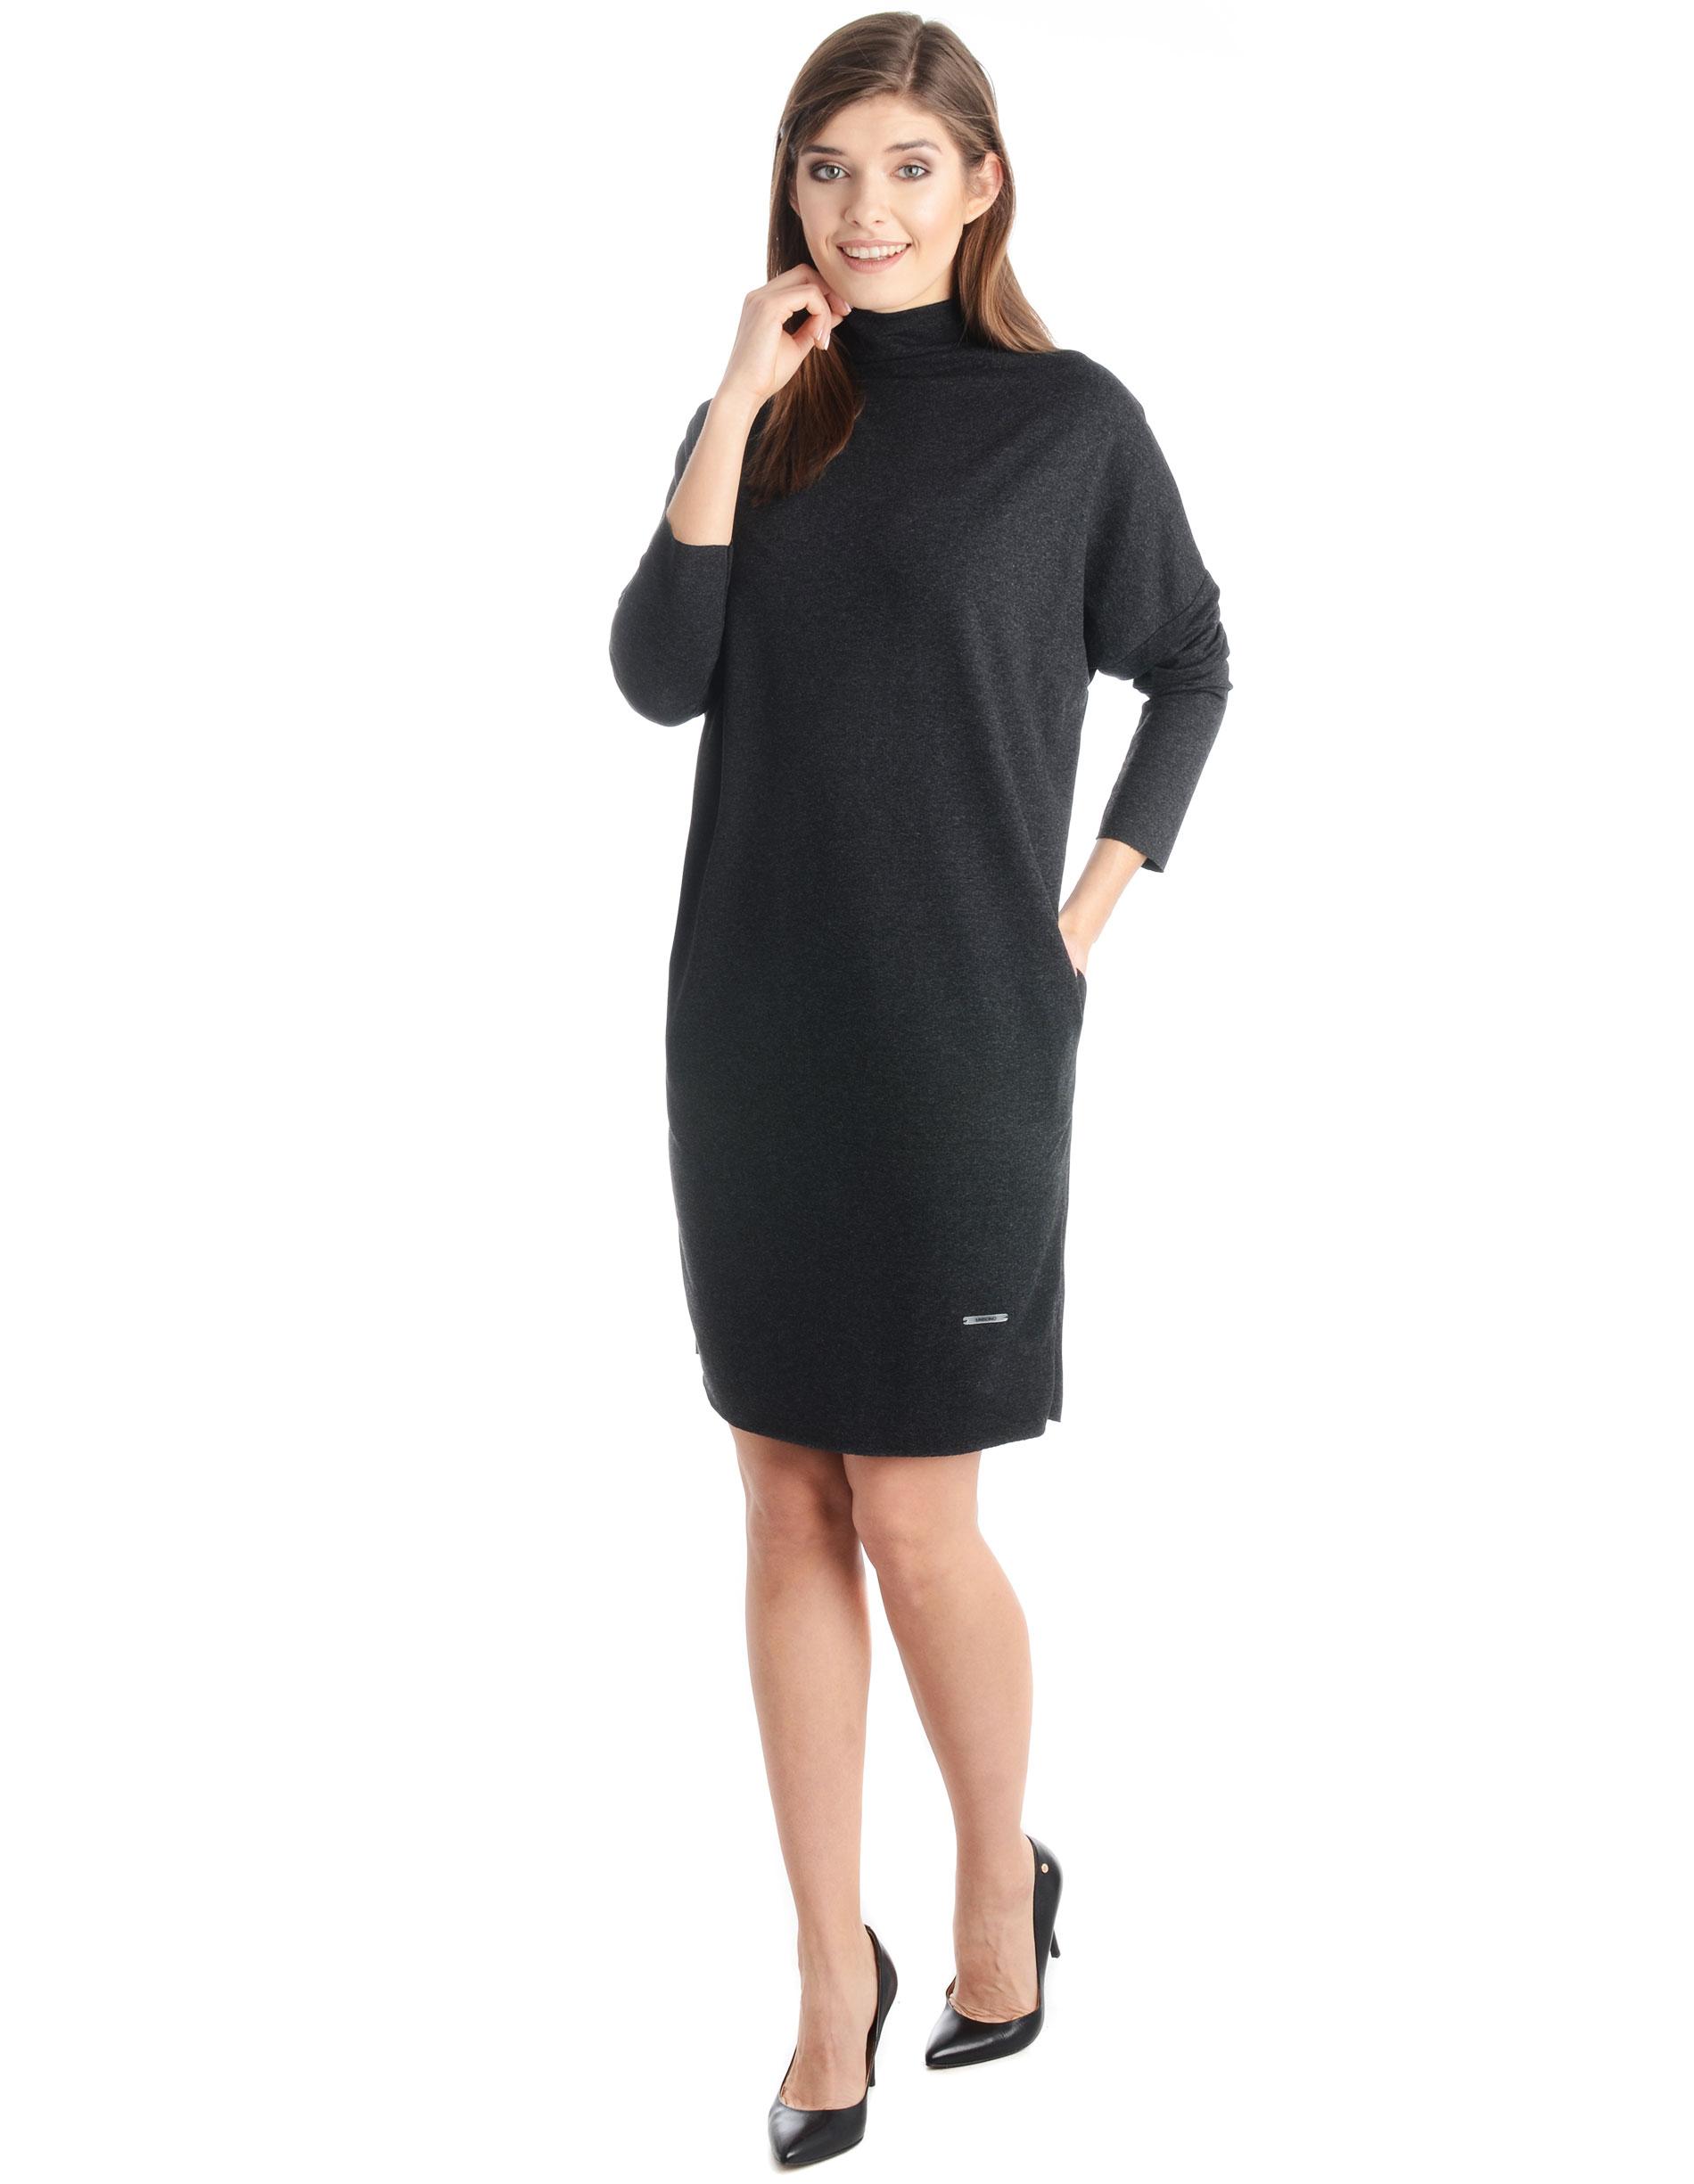 Sukienka - 30-86249 NERO - Unisono